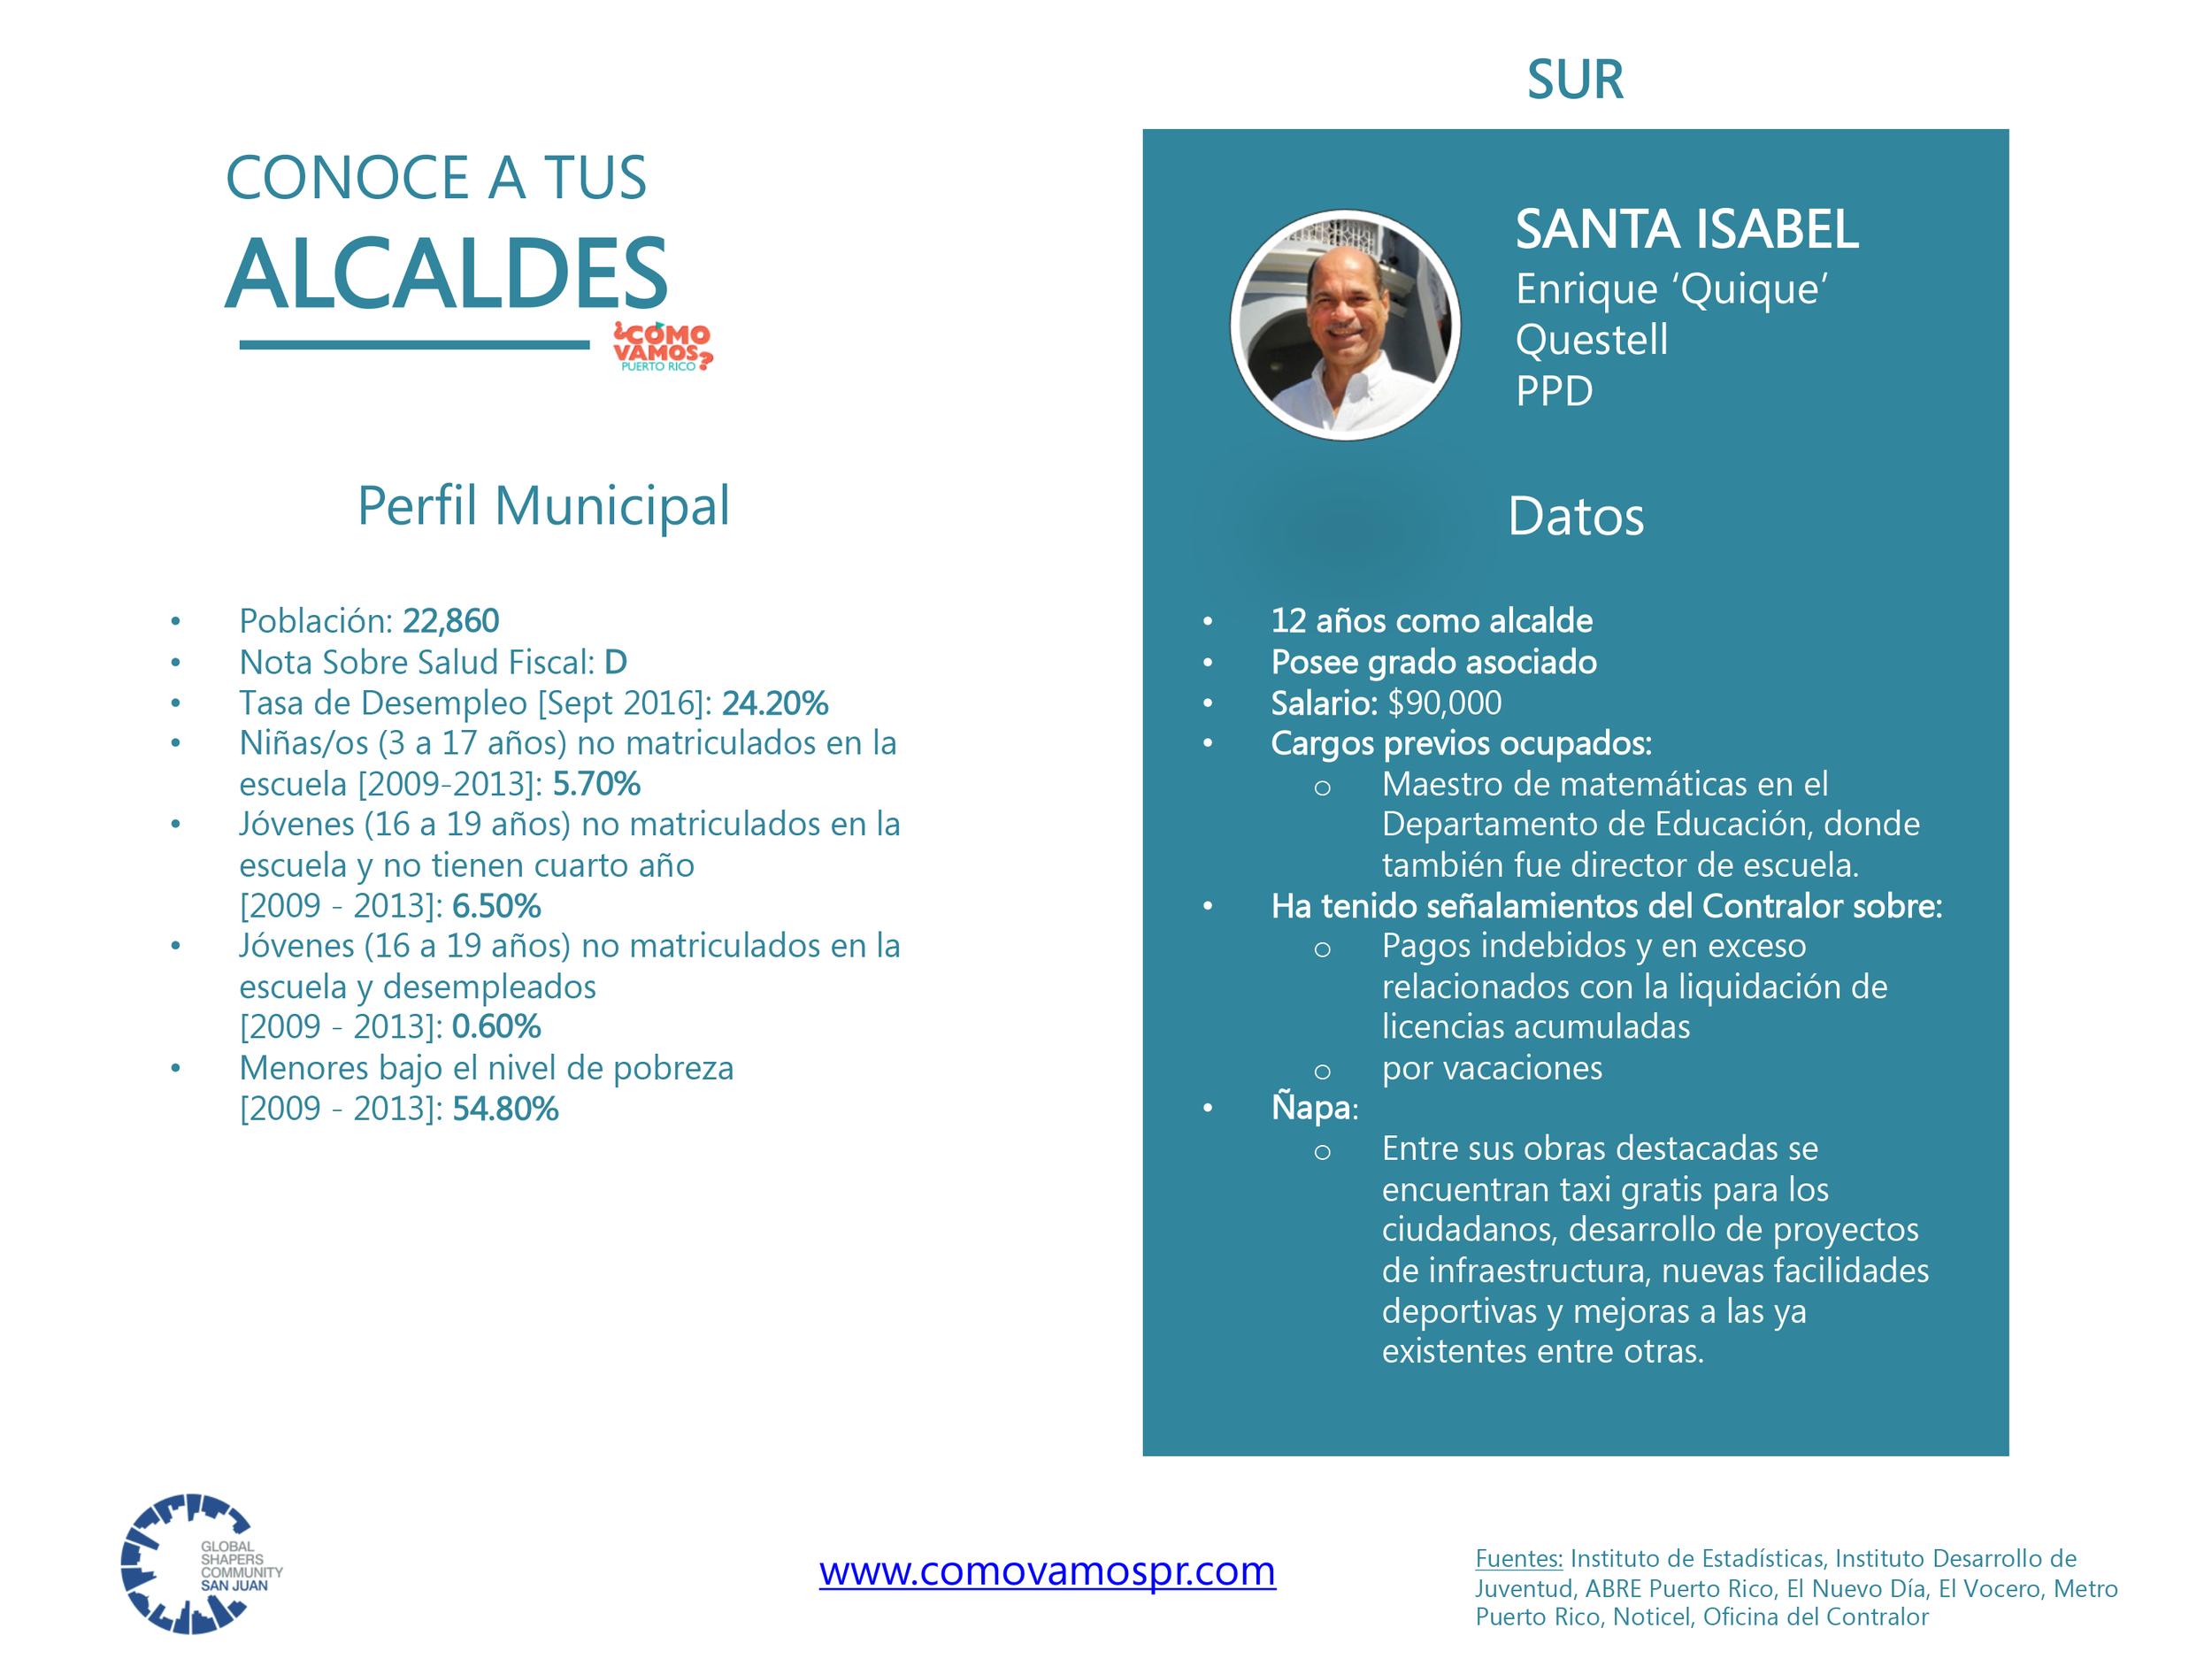 Alcaldes_Sur-SantaIsabel.png